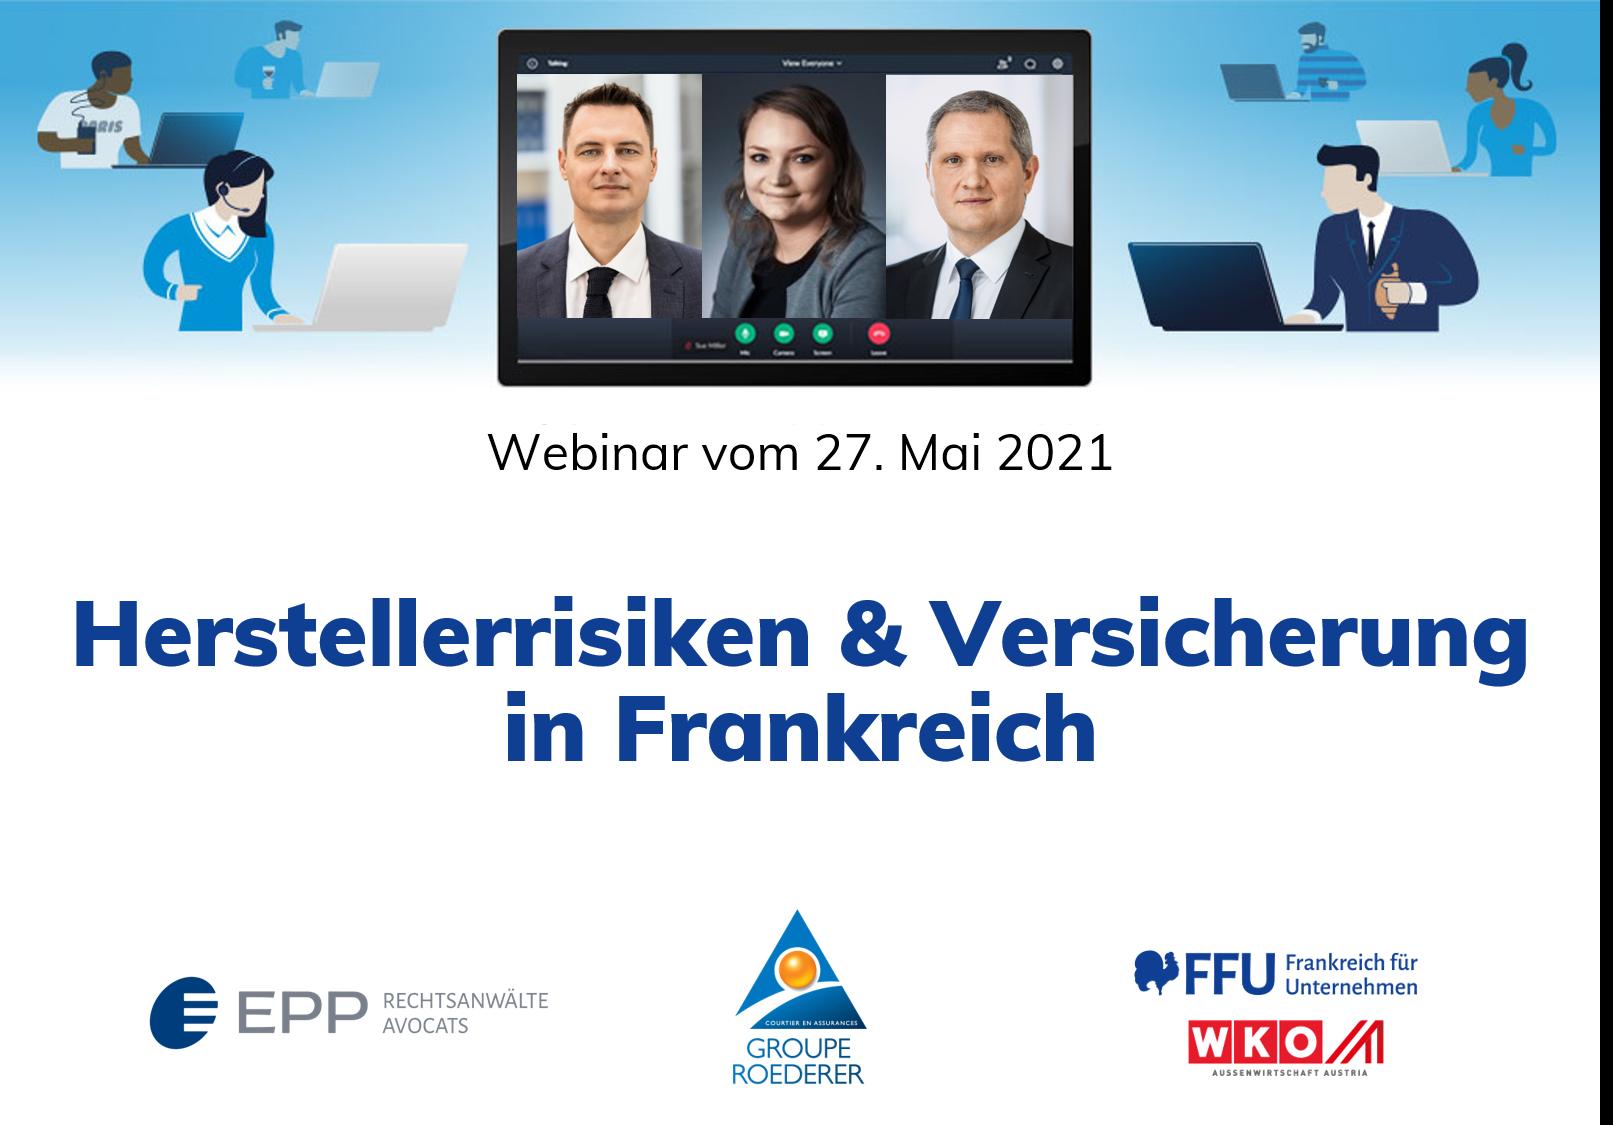 Herstellerrisiken & Versicherung in Frankreich - Webinar ROEDERER, EPP Rechtsanwälte Avocats